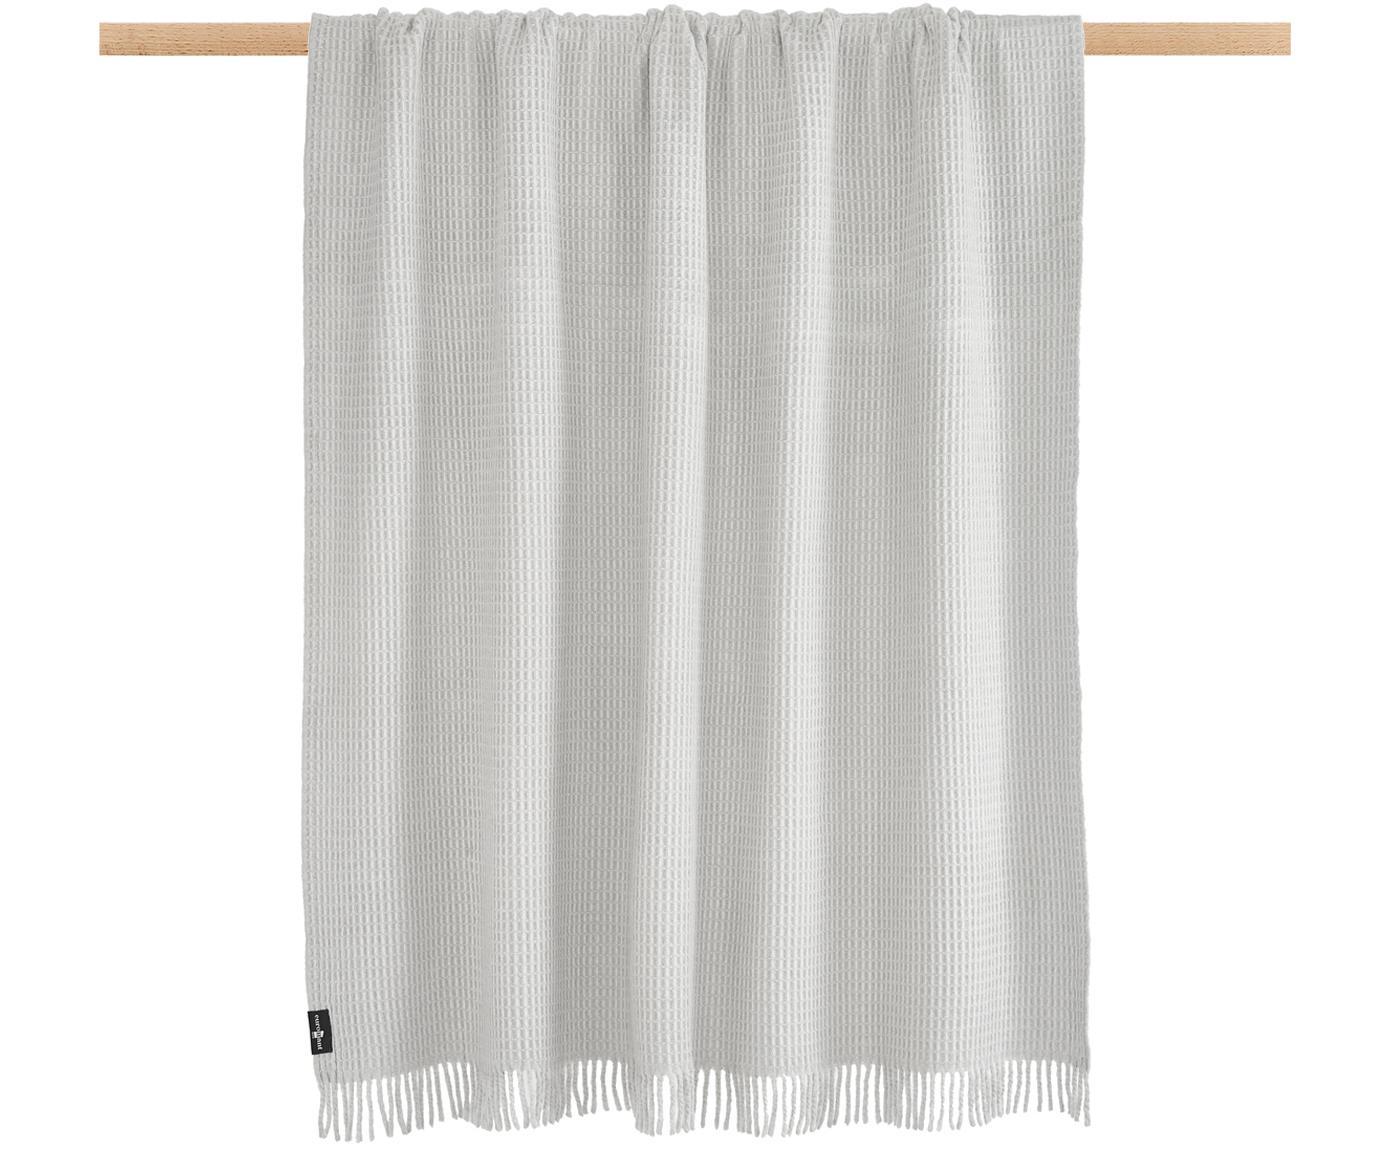 Manta de tela polar con estructura gofre Sara, 50%algodón, 50%acrílico, Gris, An 140 x L 180 cm